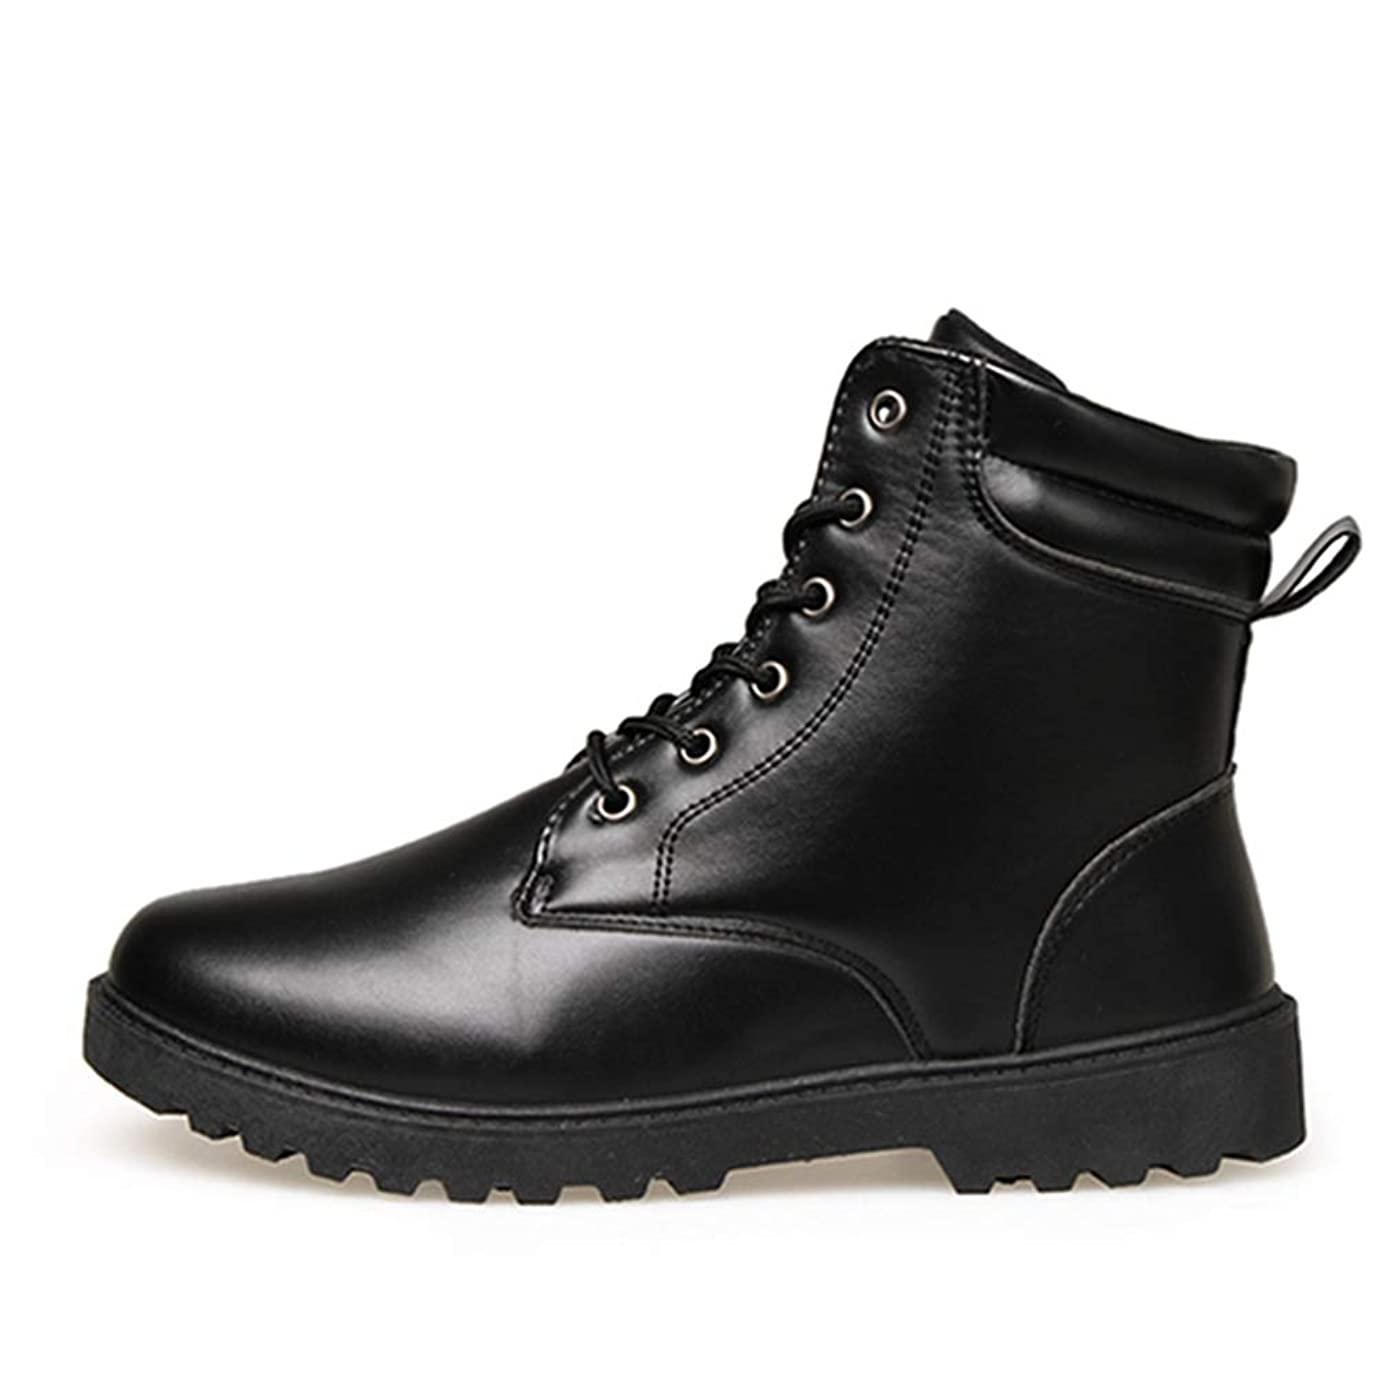 ショット音楽バルーンマーティンブーツ ショートブーツ メンズ 黒 白 ハイカット レースアップ 防水 滑り止め 衝撃吸収 ブラック ホワイト ブラウン ラウンドトゥ ワークブーツ 編み上げ アウトドア カジュアル メンズ靴